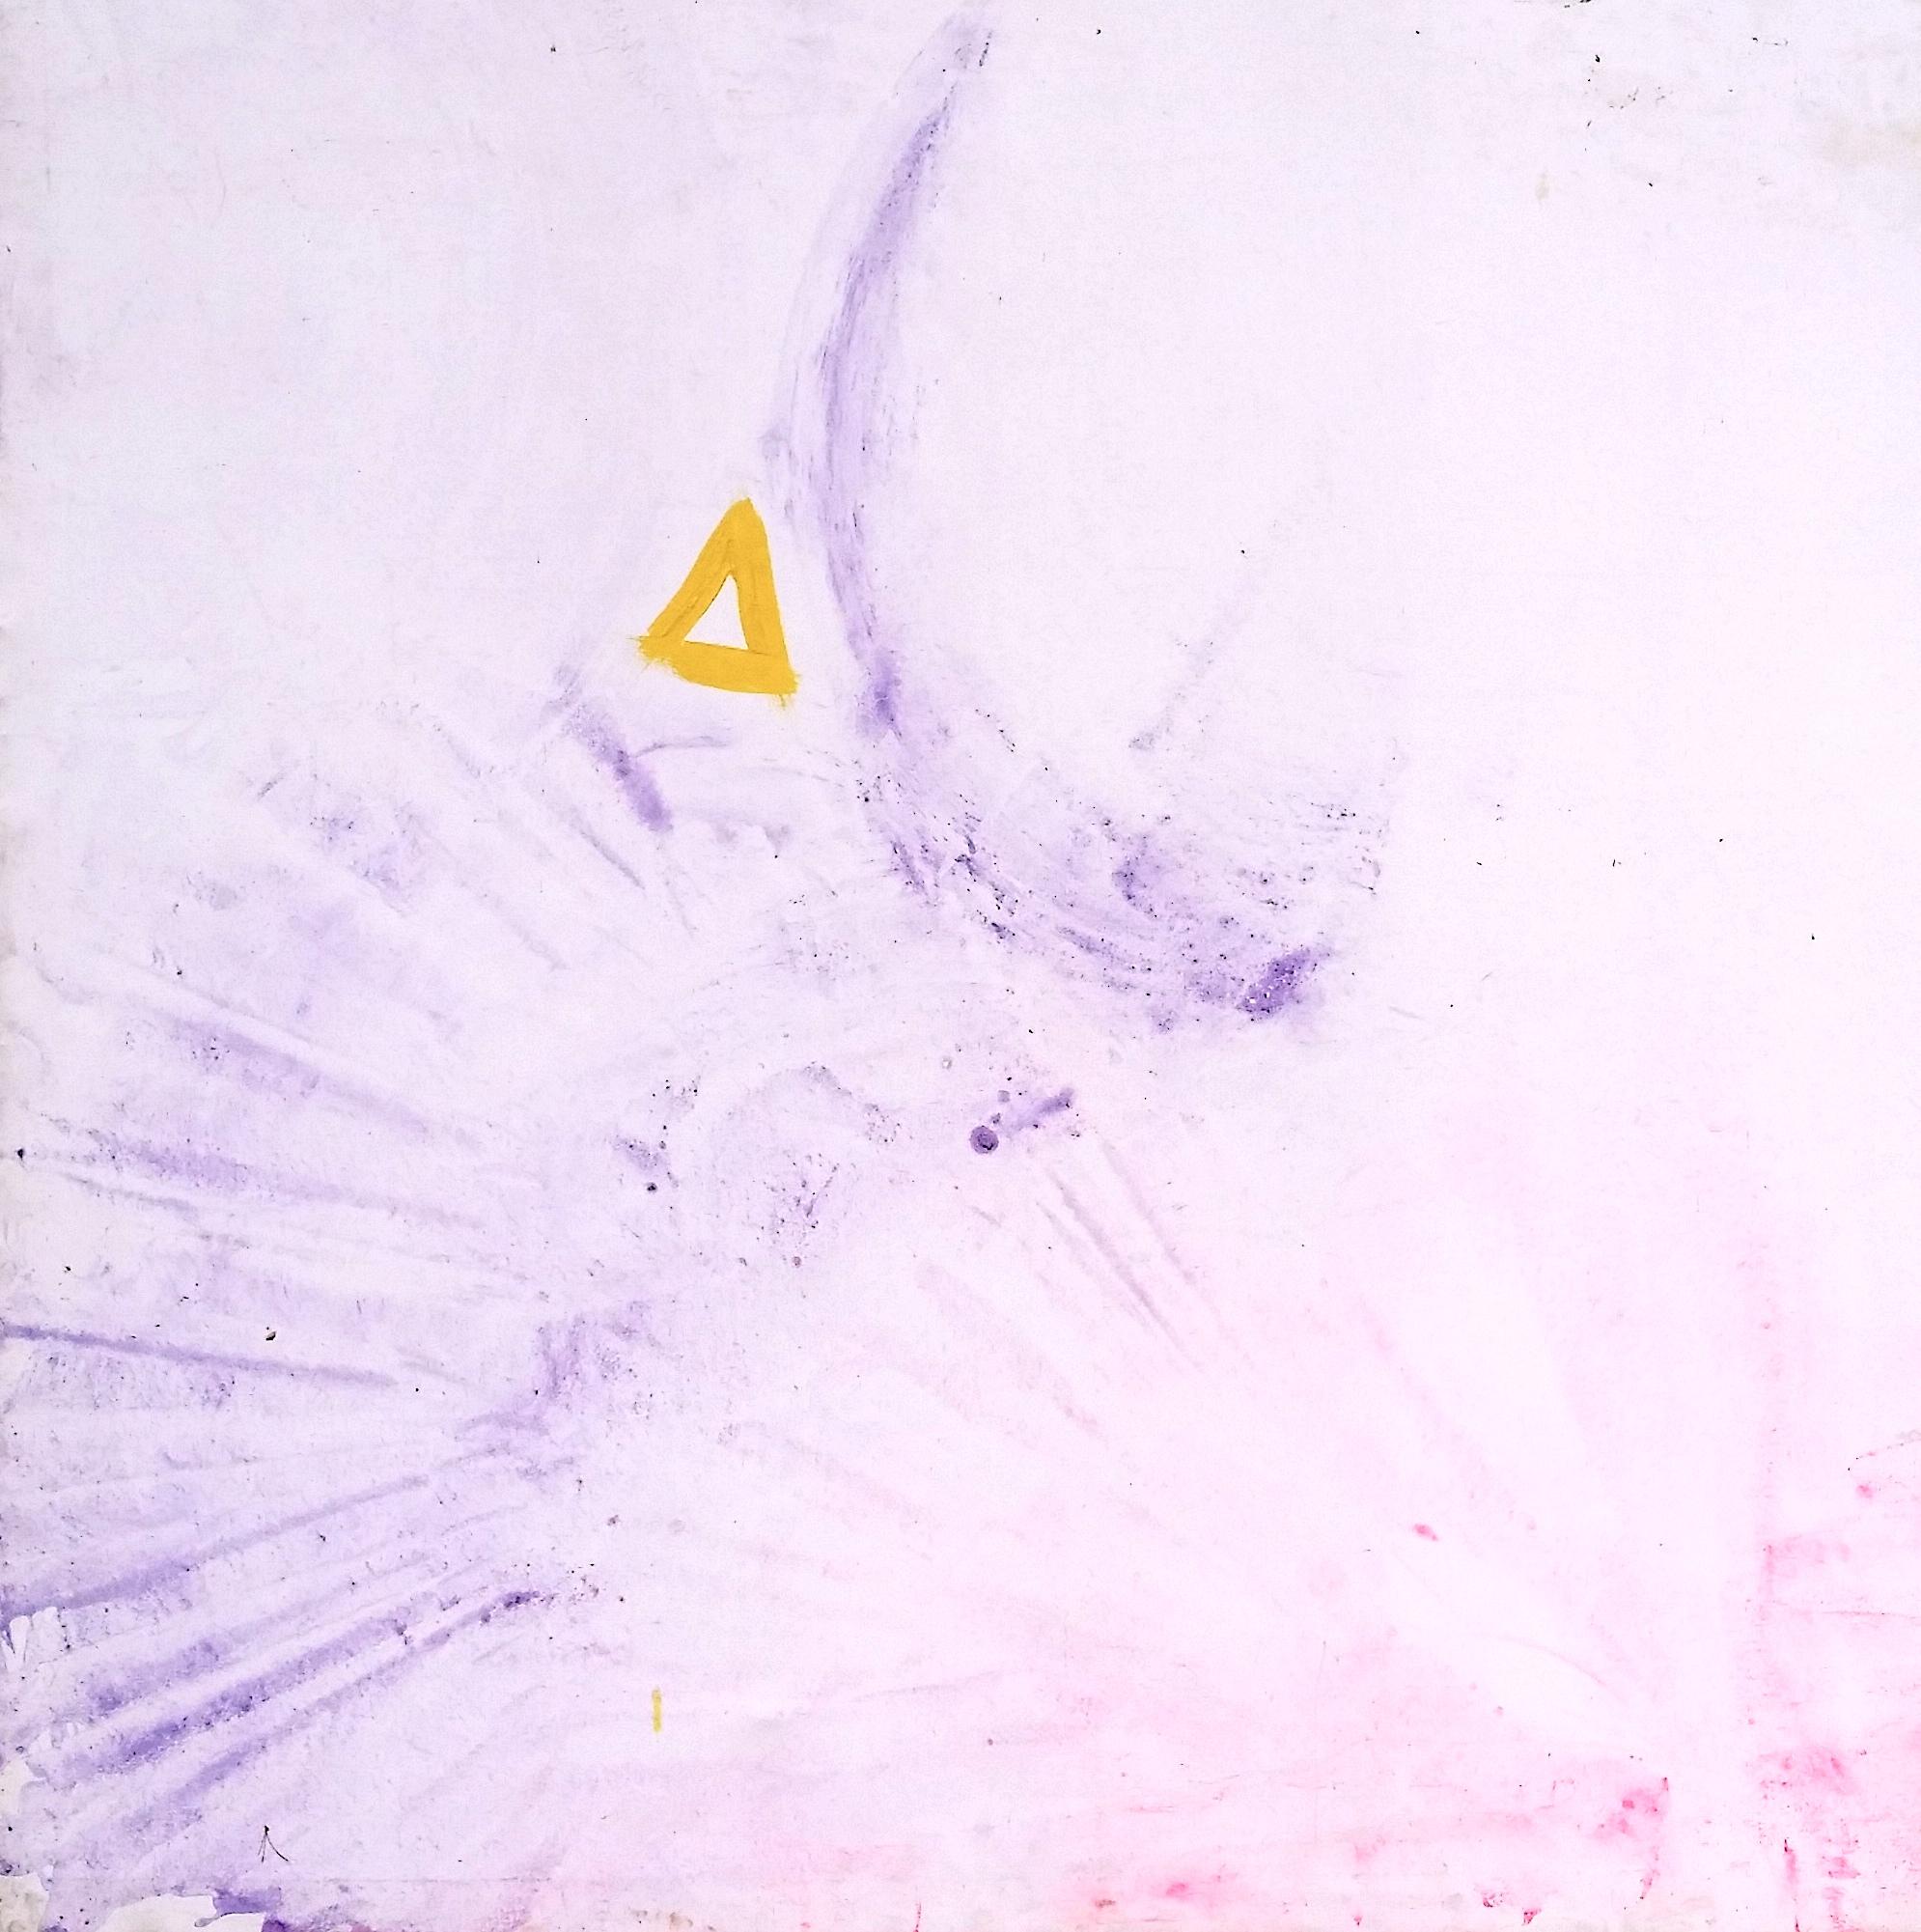 1992 - L'Aile de l'Ange